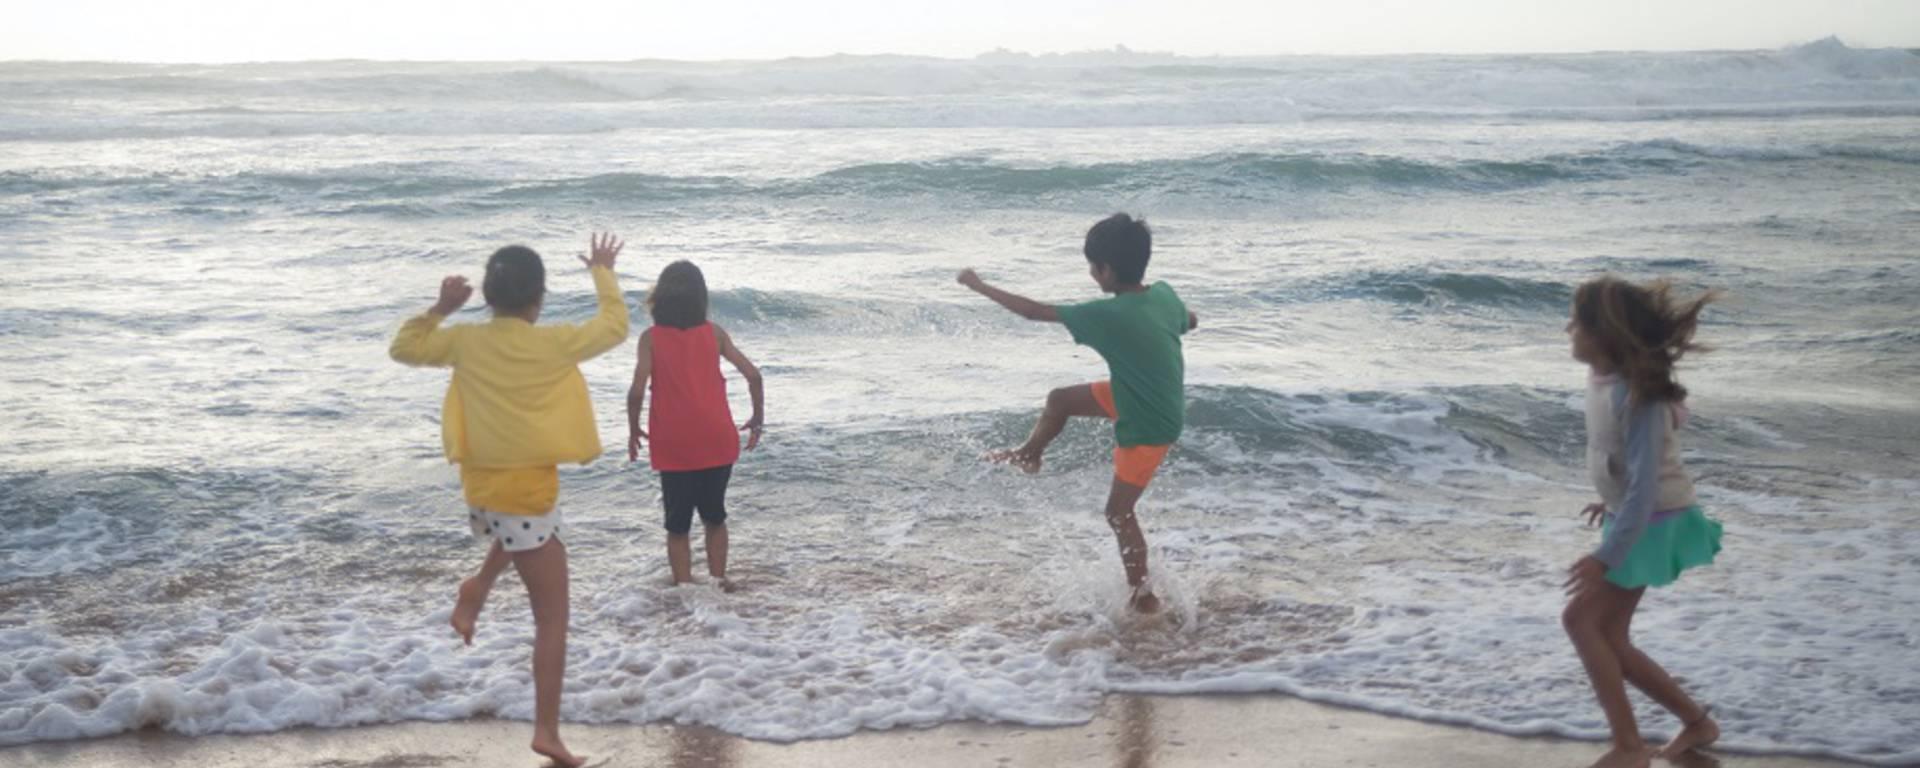 enfants plage